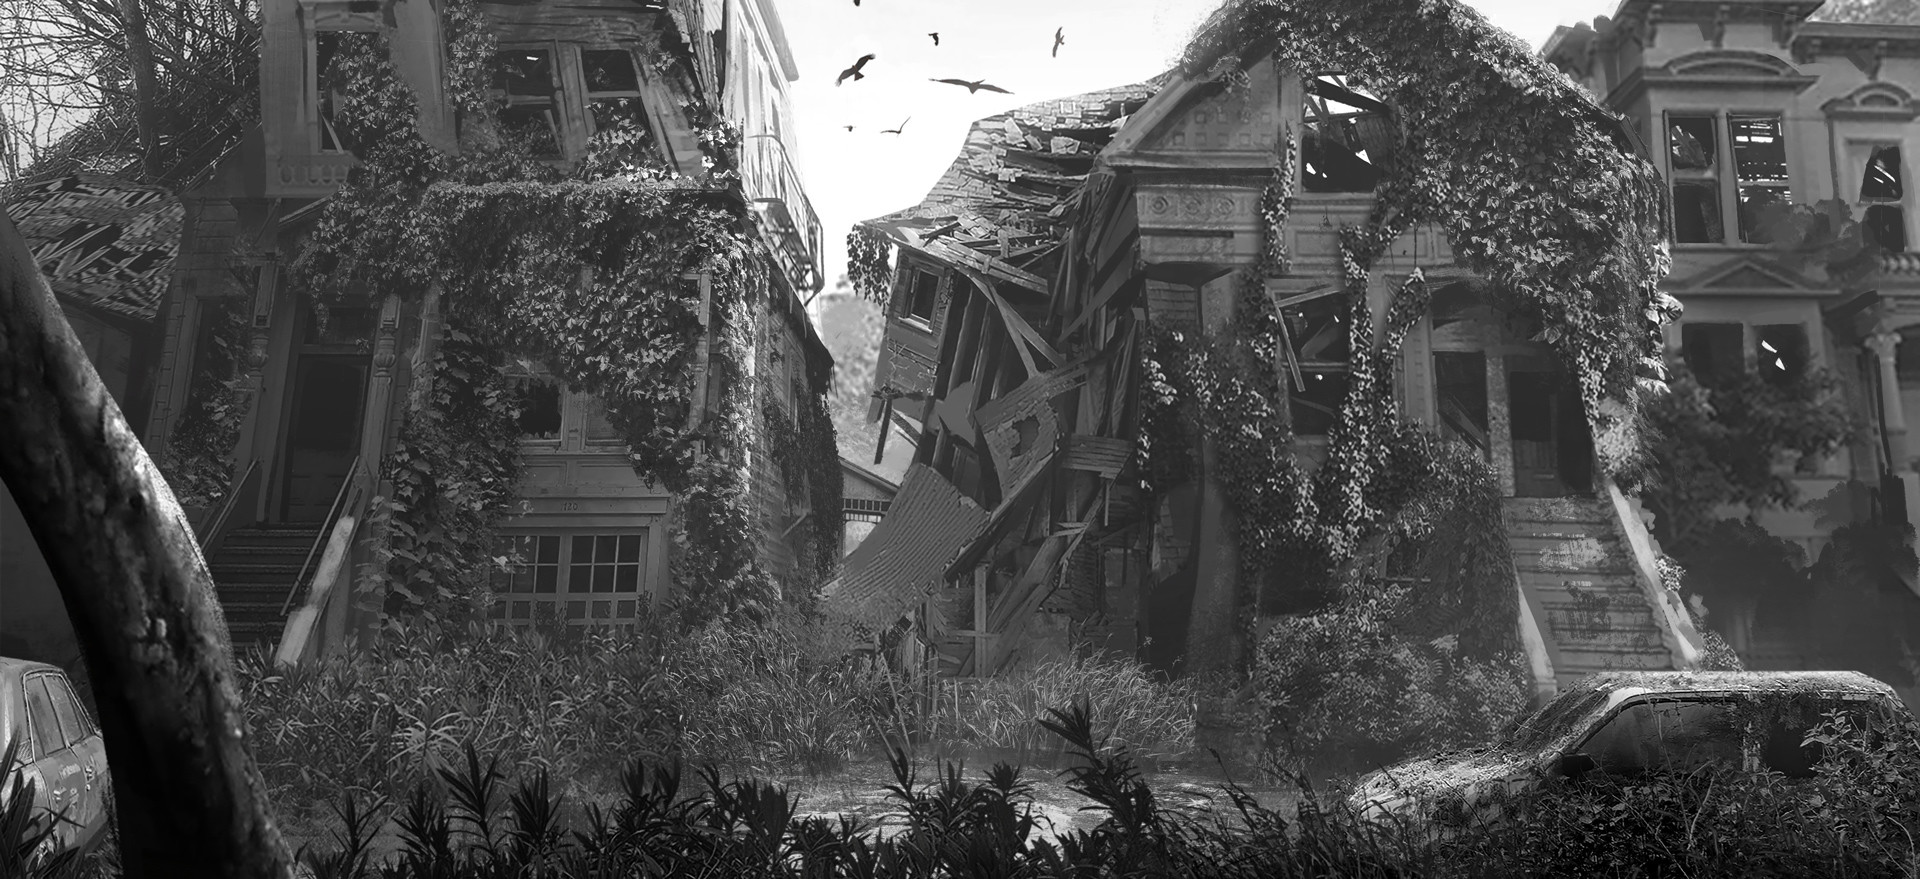 Joseph nickson city ruins 2 joseph nickson